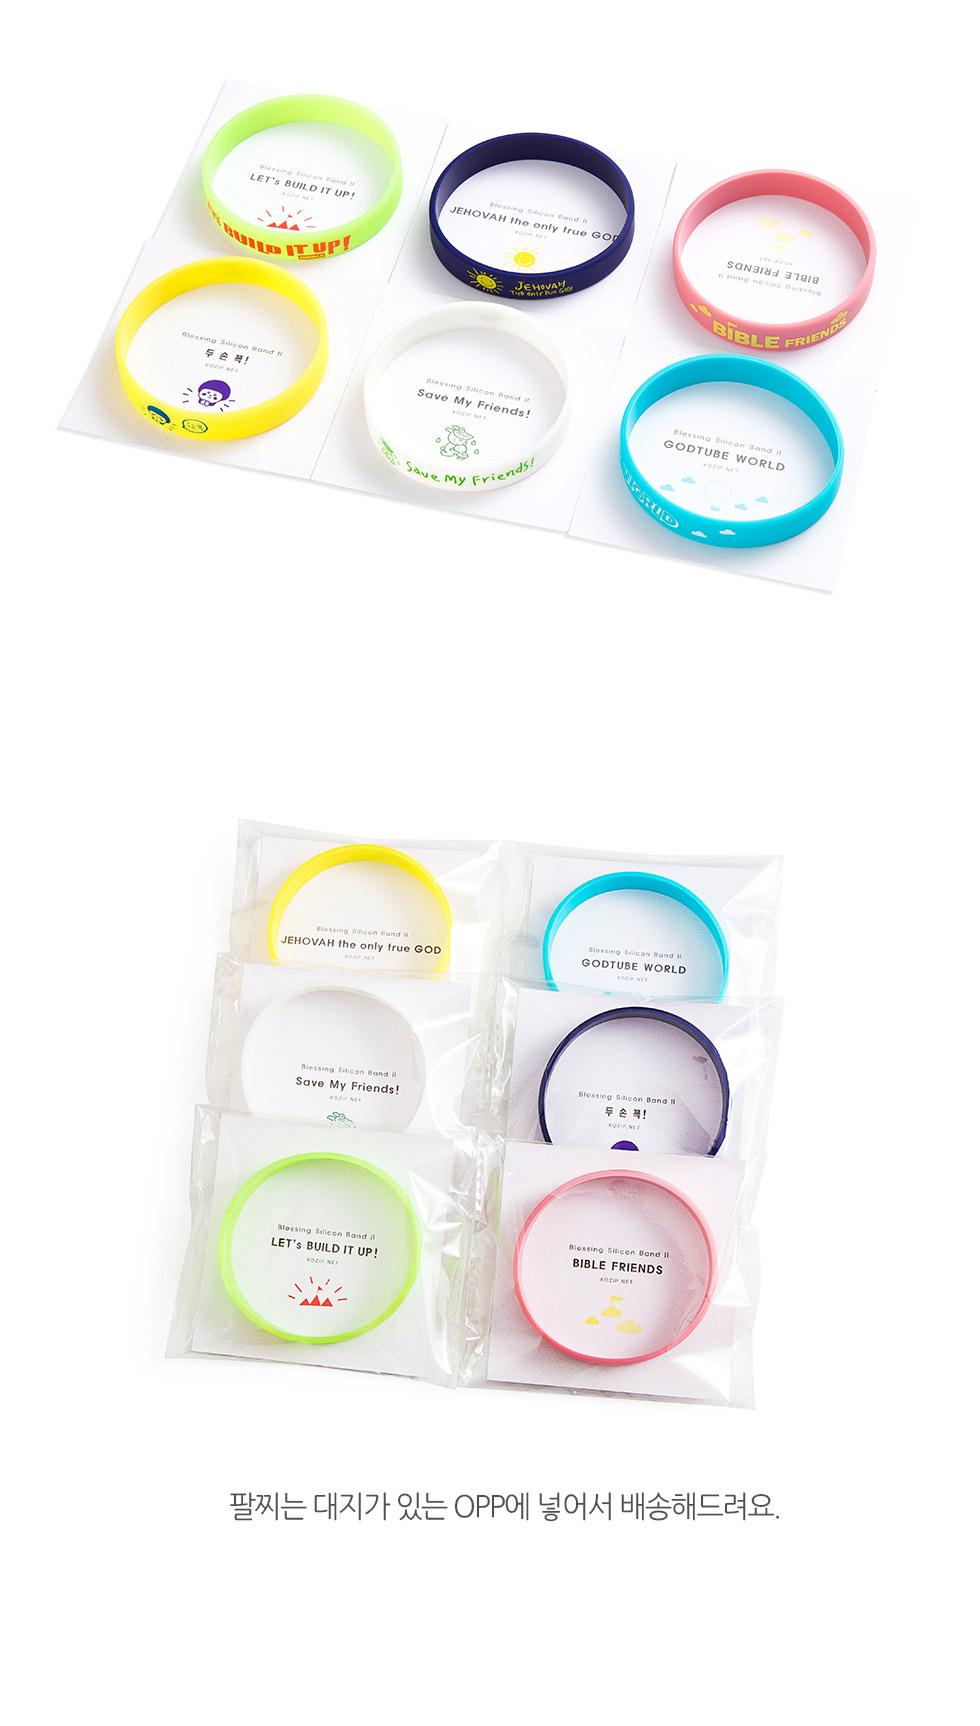 블레싱 실리콘 팔찌 2탄 예쁘게 디자인된 포장안에 담겨 선물하기에도 좋아요